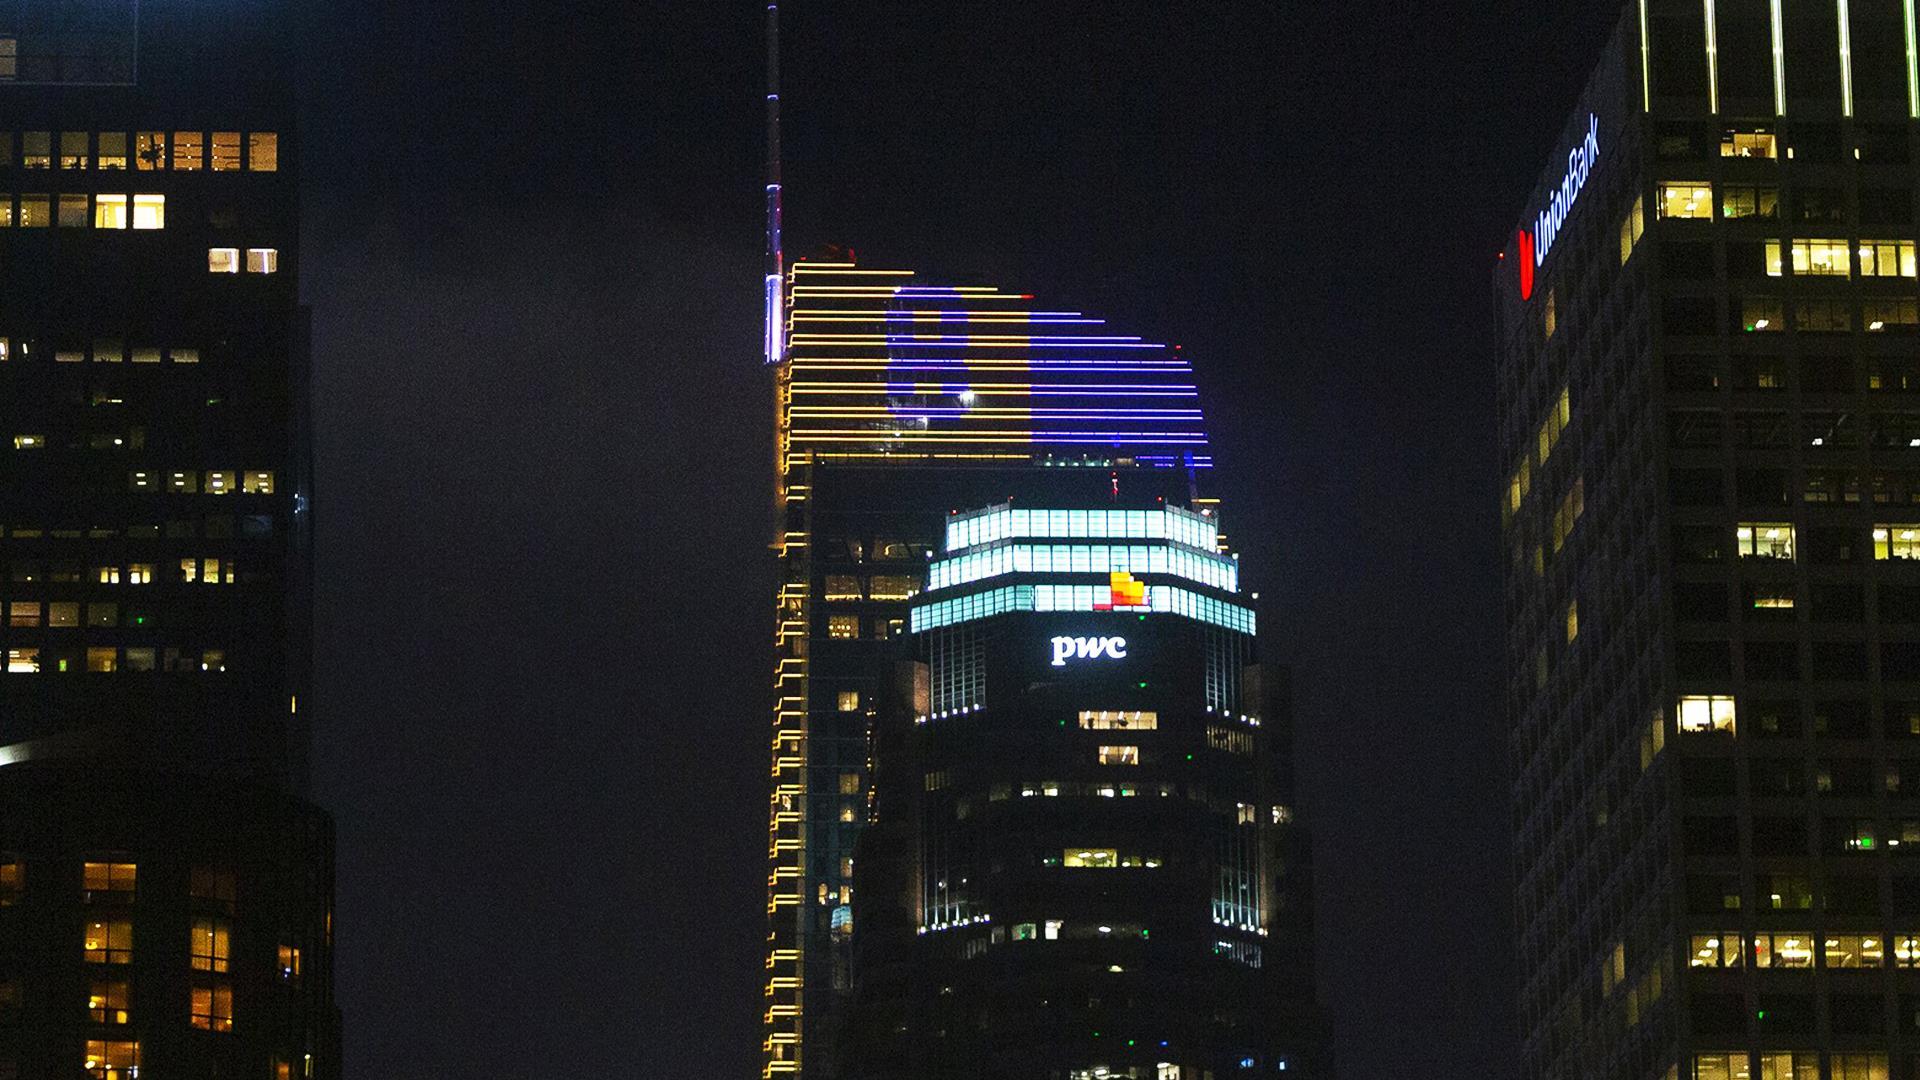 Los Angeles landmarks lit to honor Kobe Bryant